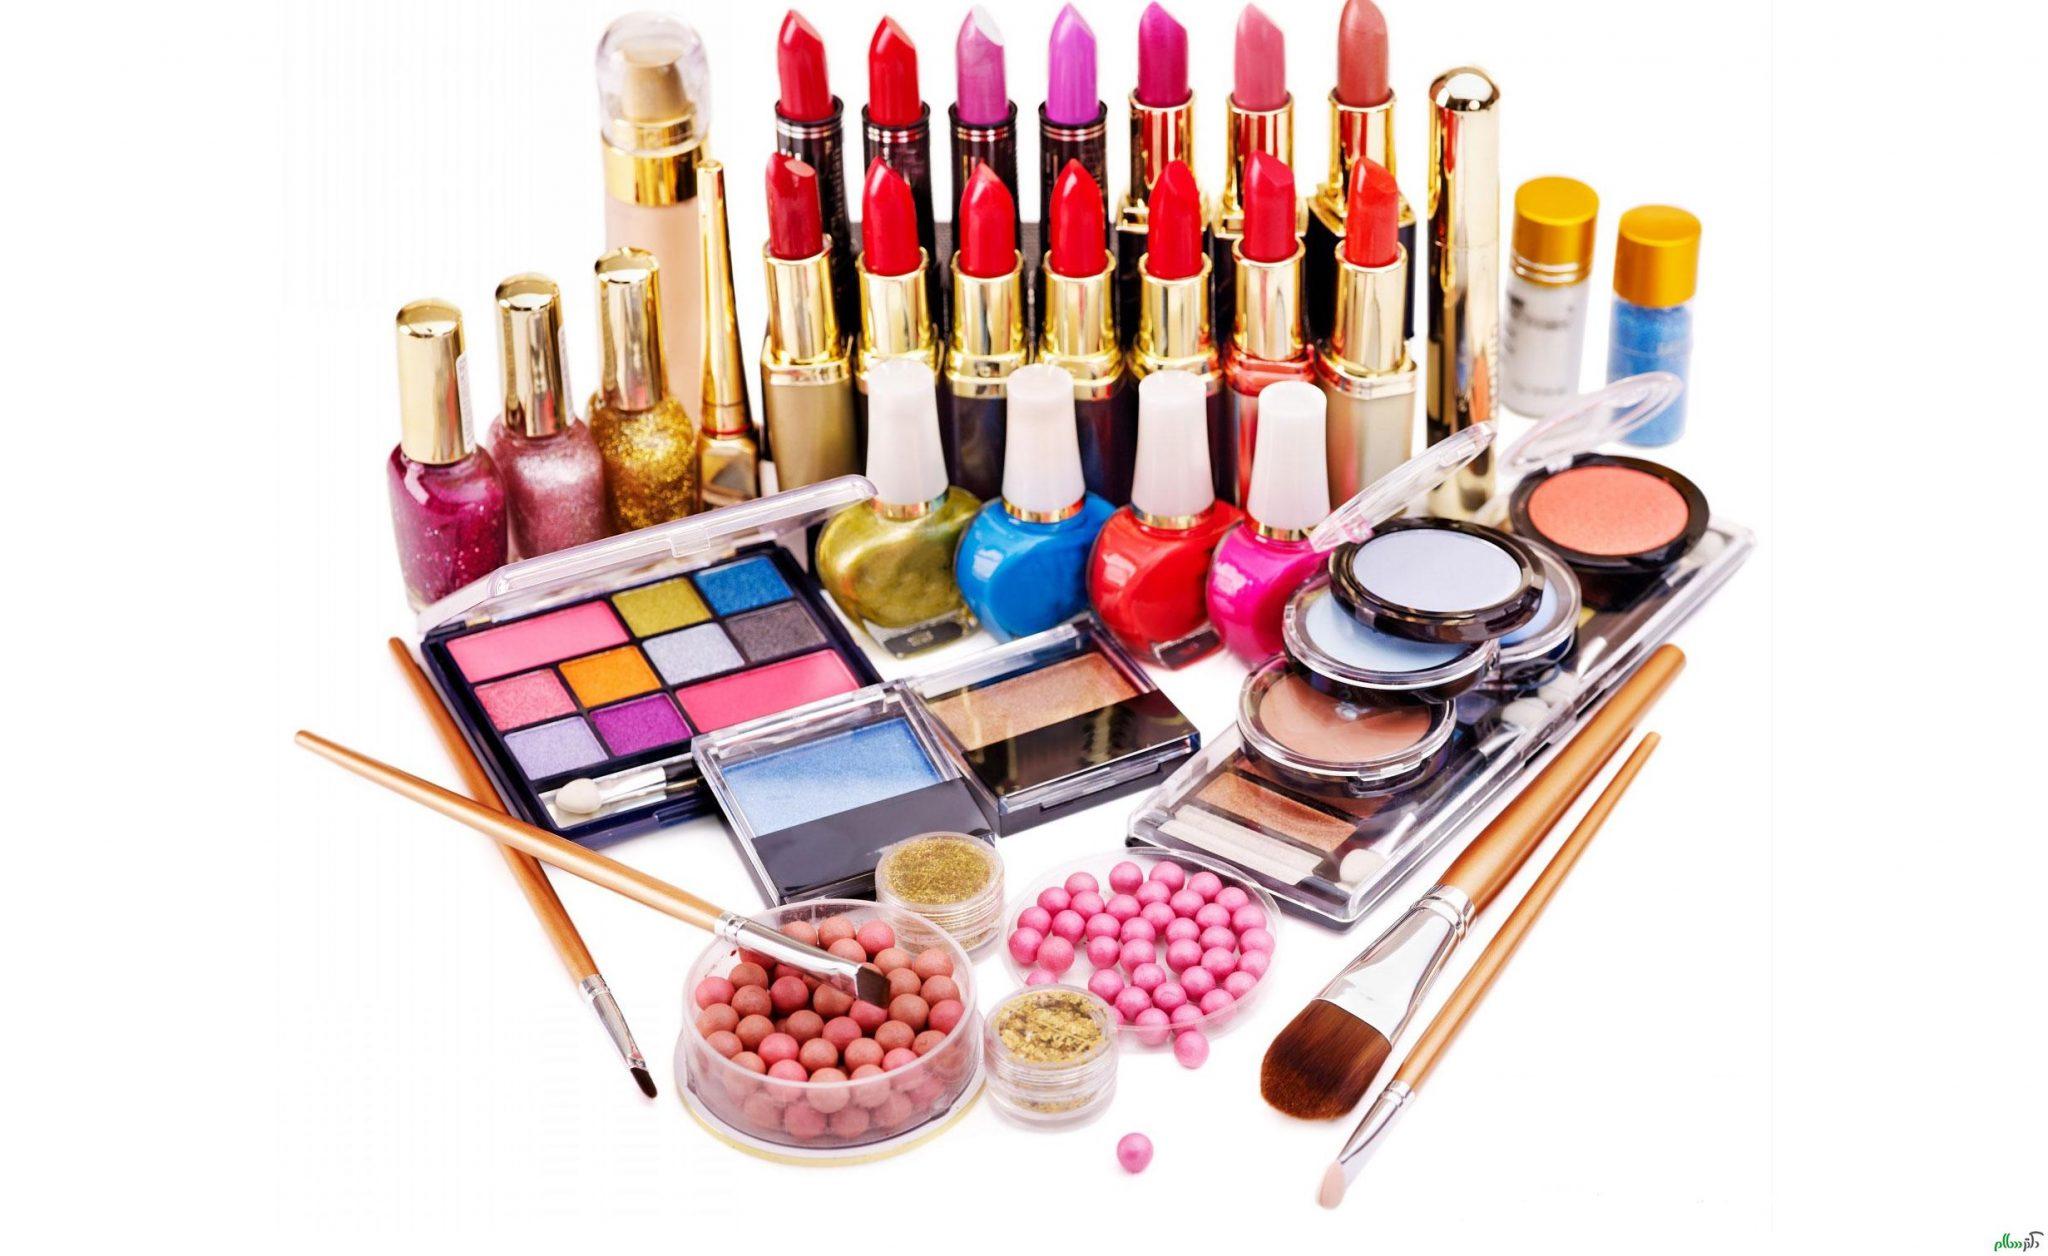 بروز حساسیت در مصرف لوازم آرایشی و بهداشتی